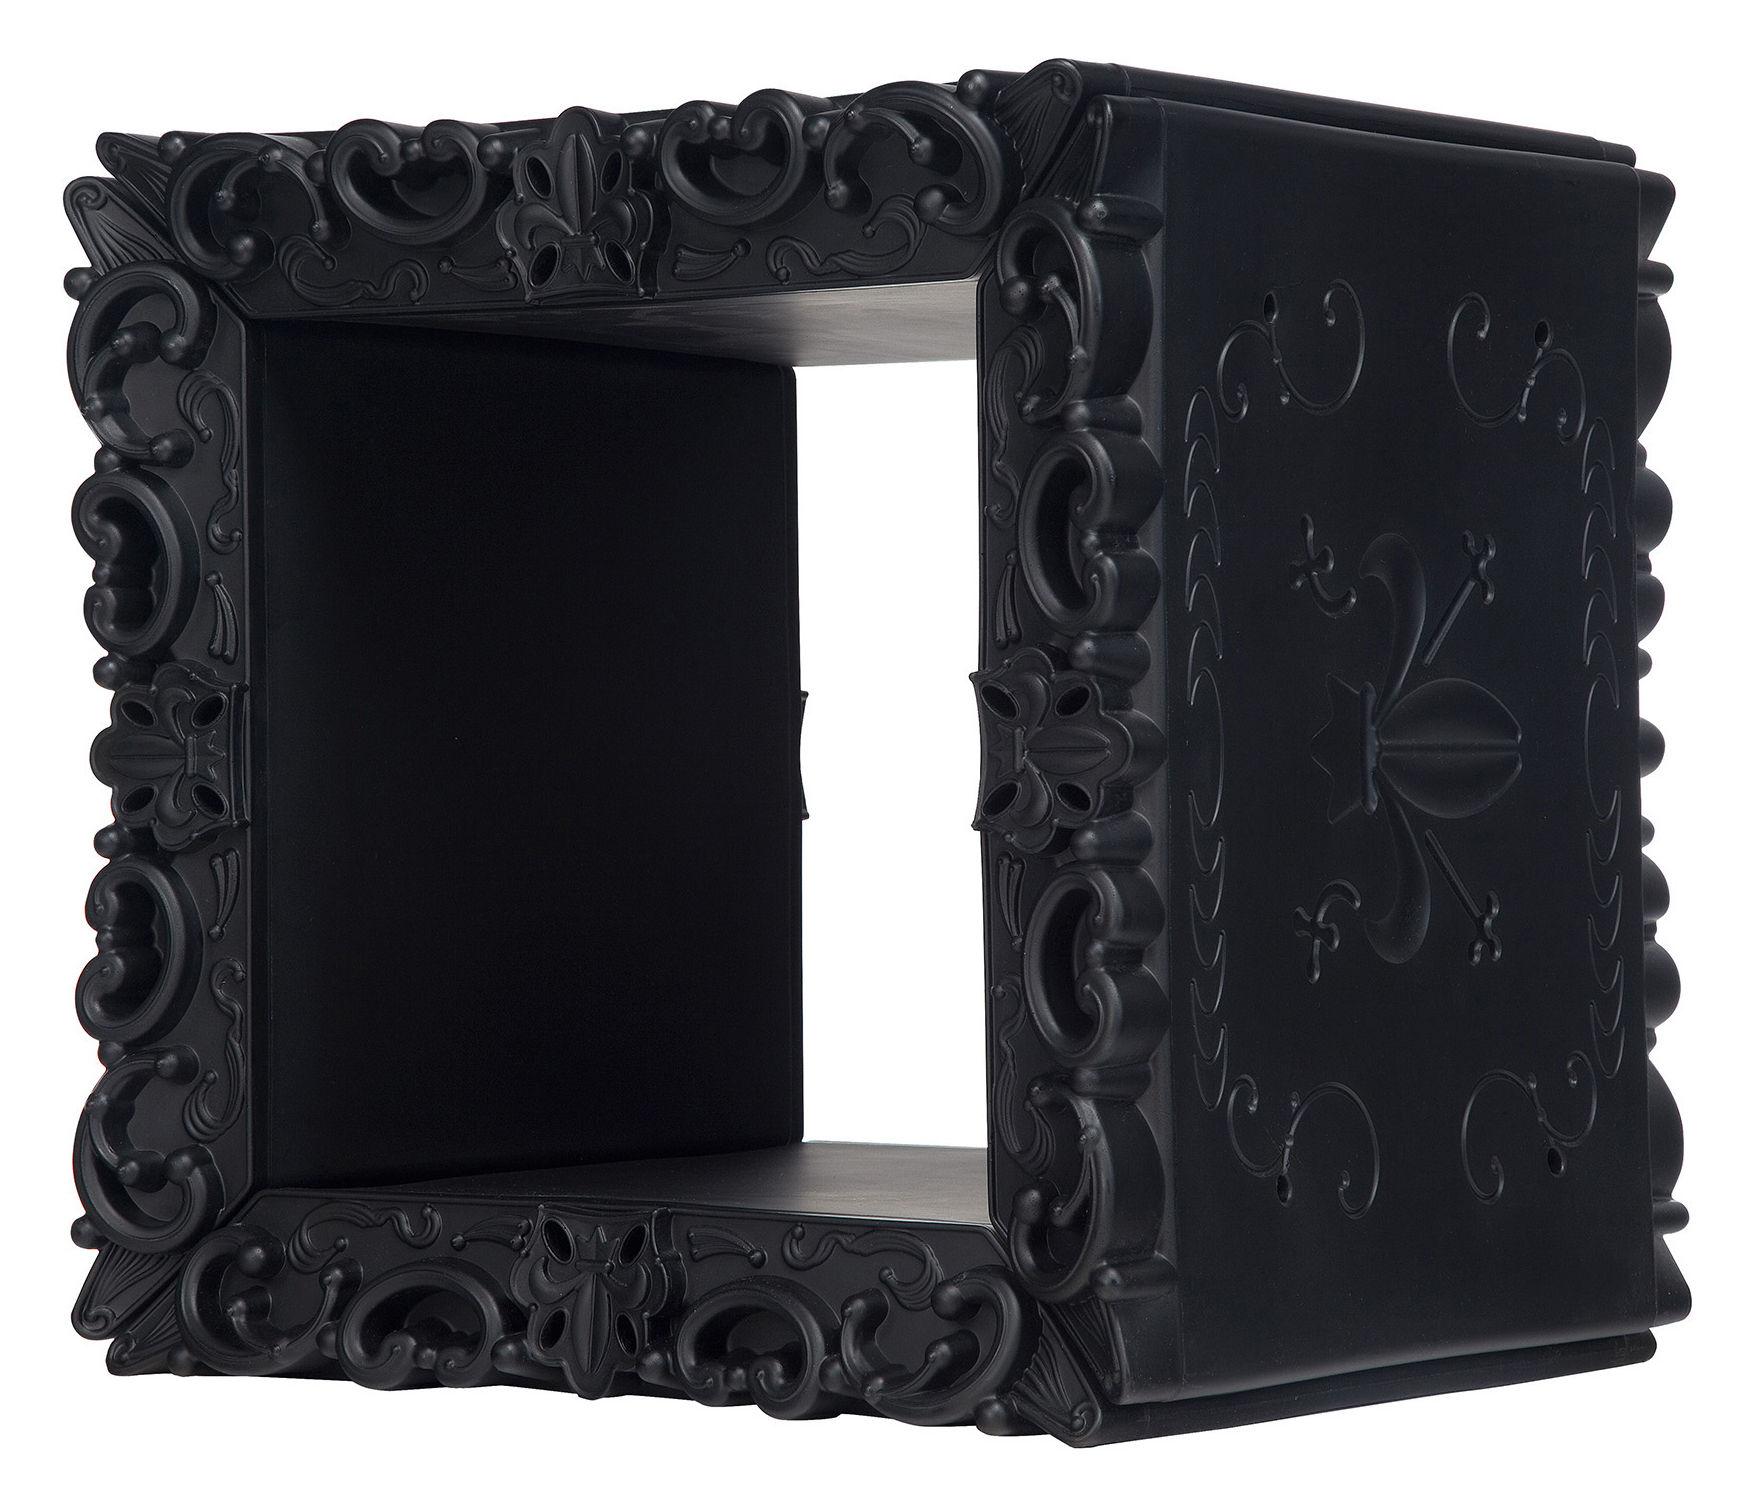 Arredamento - Scaffali e librerie - Scaffale Jocker of Love - /Cubo modulare - 52 x 46 cm di Design of Love by Slide - Nero - Polietilene rotostampato